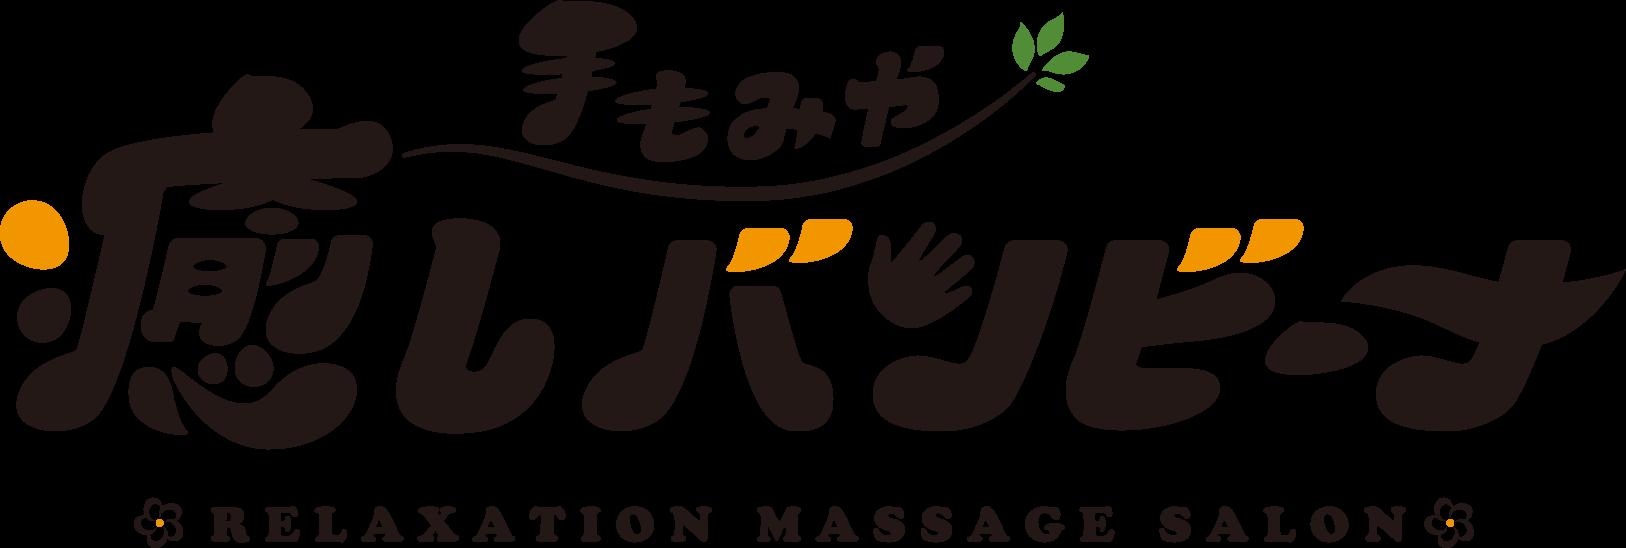 浜松のもみほぐし専門リラクゼーションサロンなら手もみや癒しバンビーナ